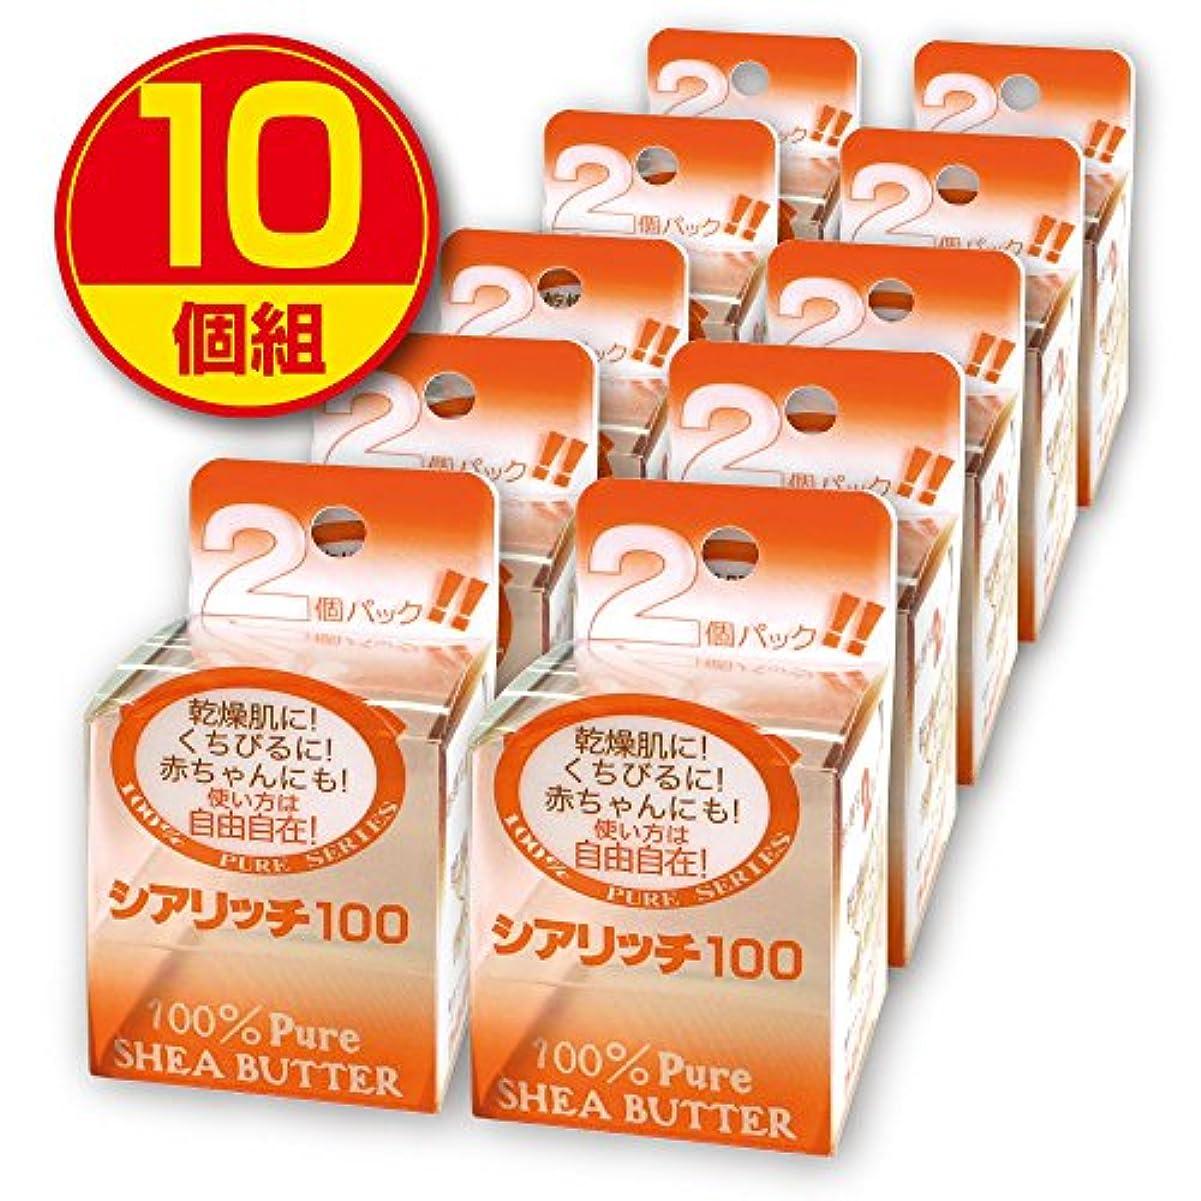 護衛花輪レンド日本天然物研究所 シアリッチ100 (8g×2個入り)【10個組】(無添加100%シアバター)無香料